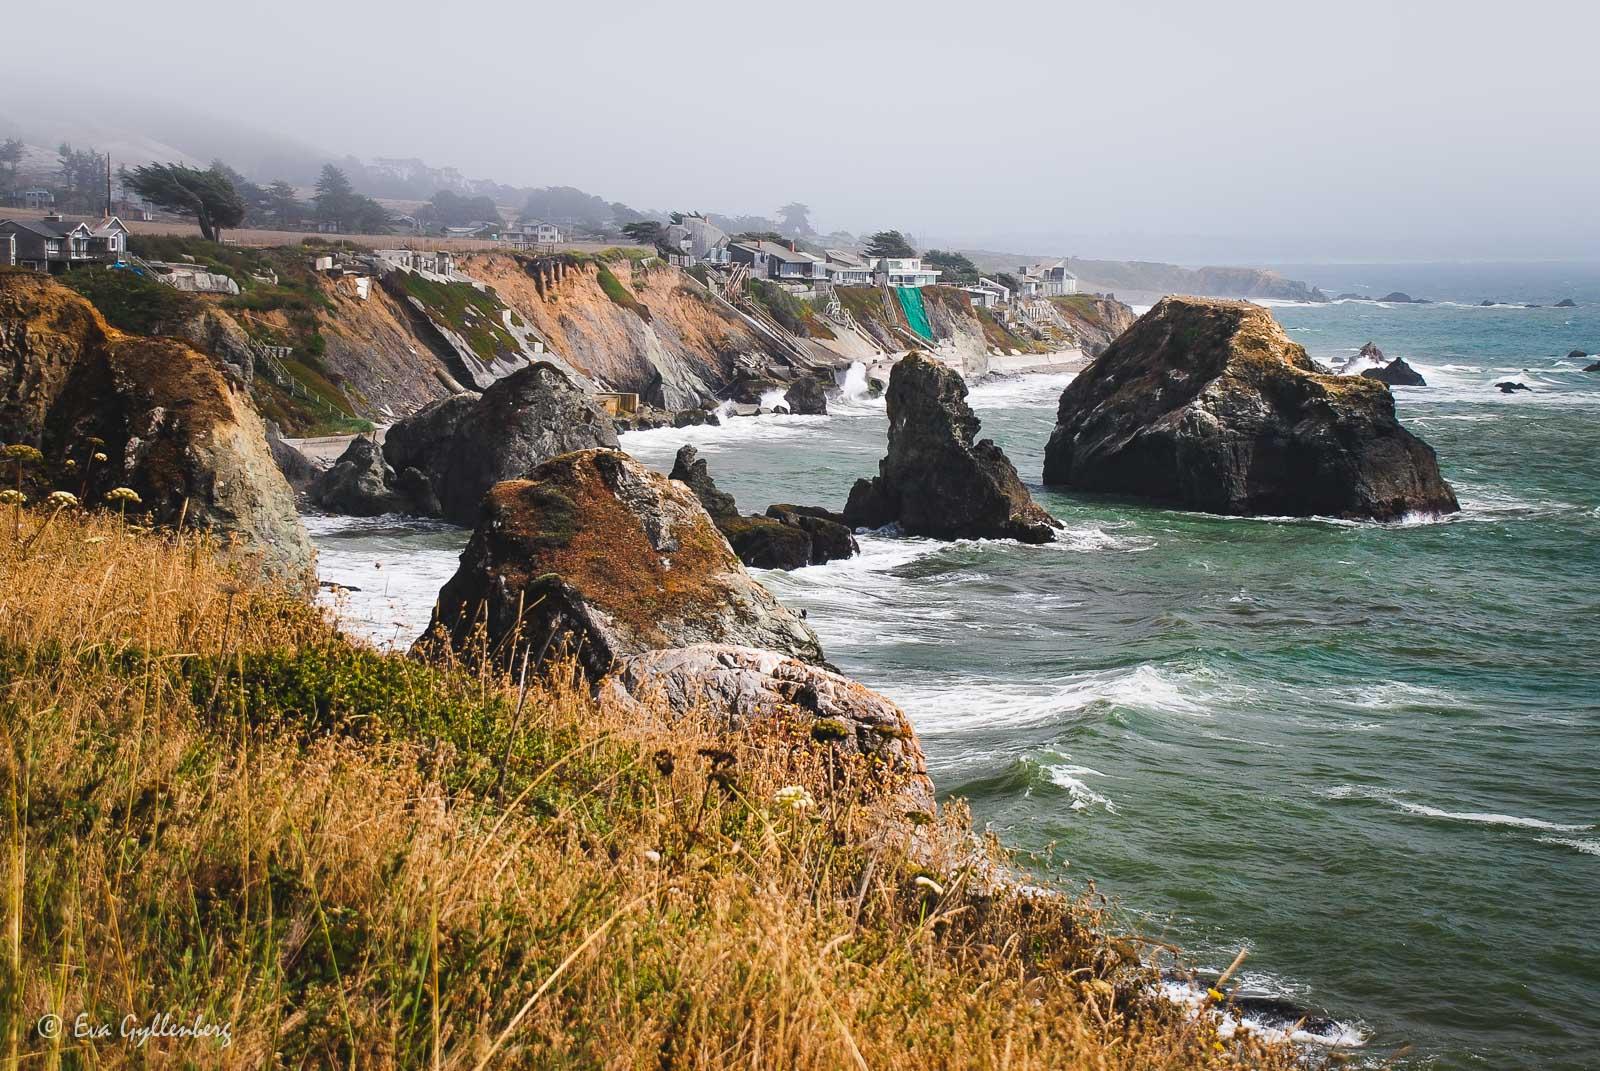 Bildsemester del 1 - Kalifornien i bilder 7